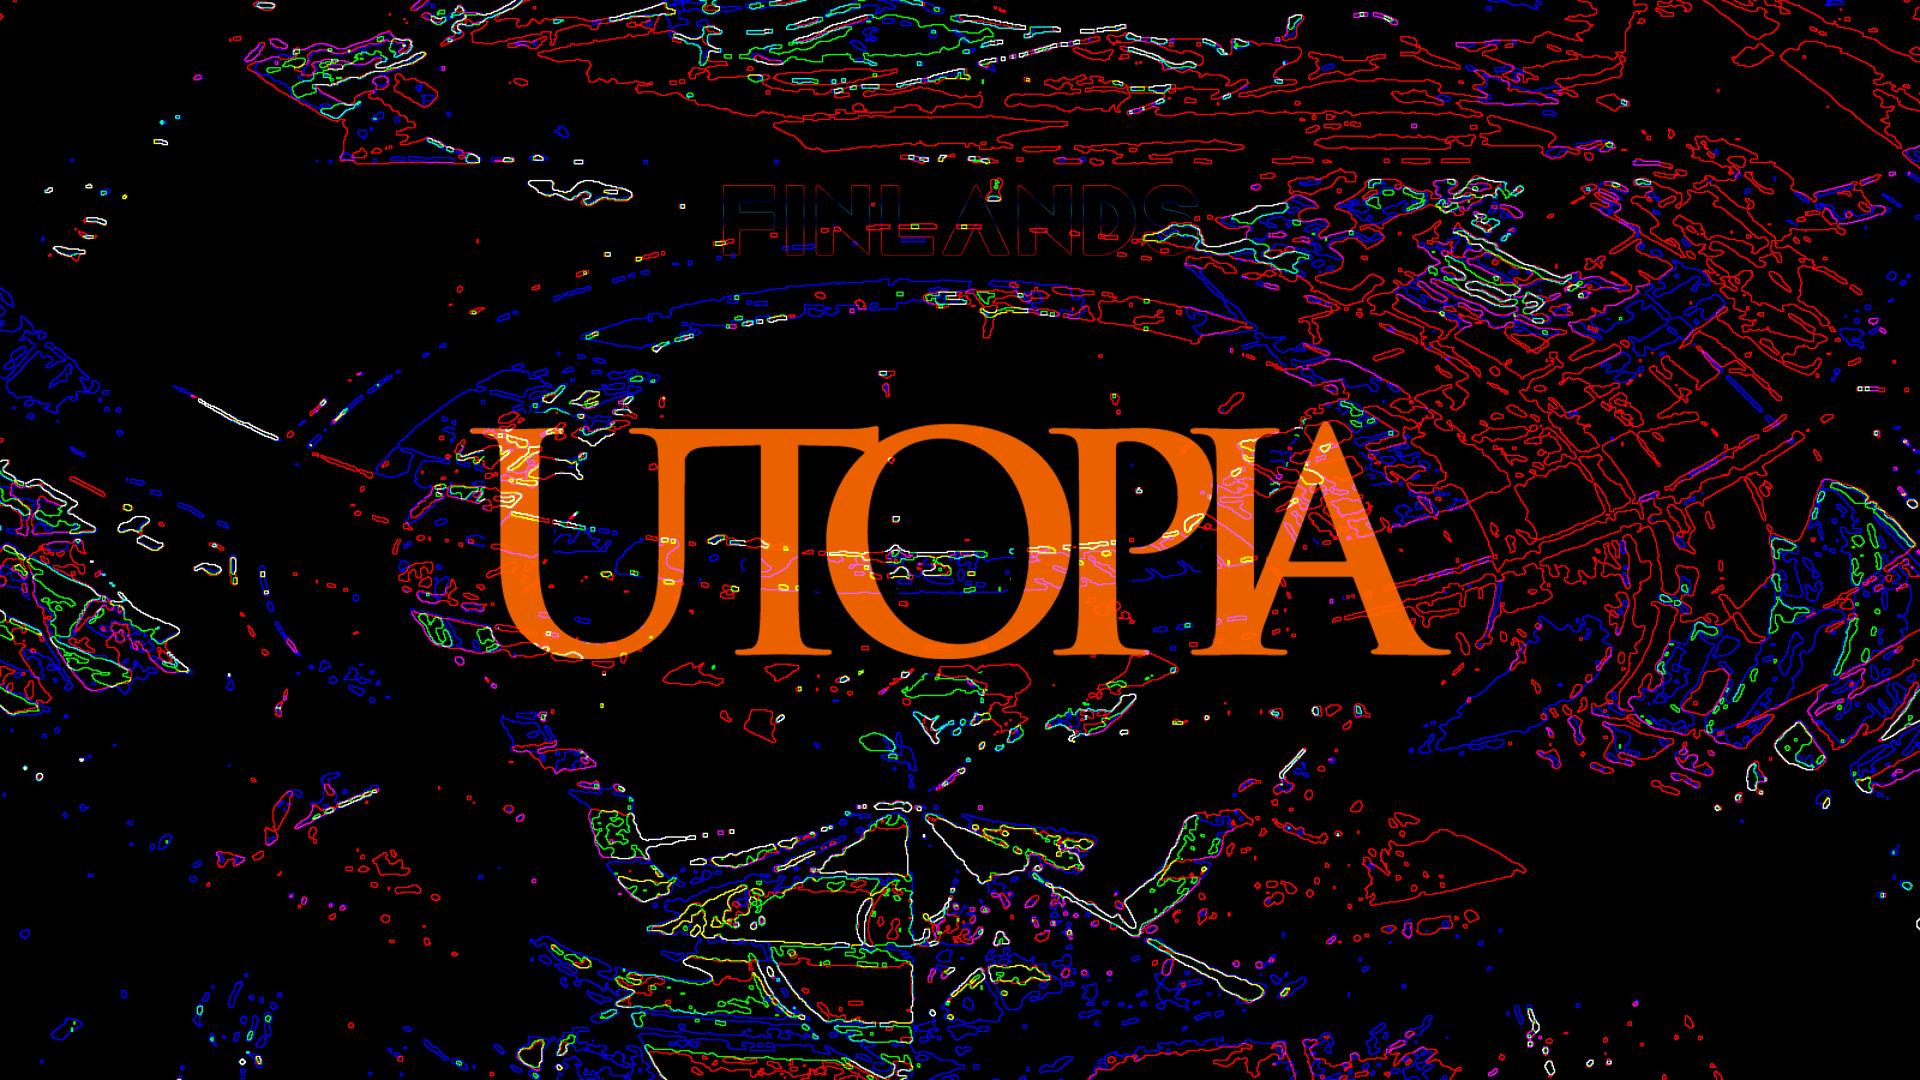 UTOPIAのコピー